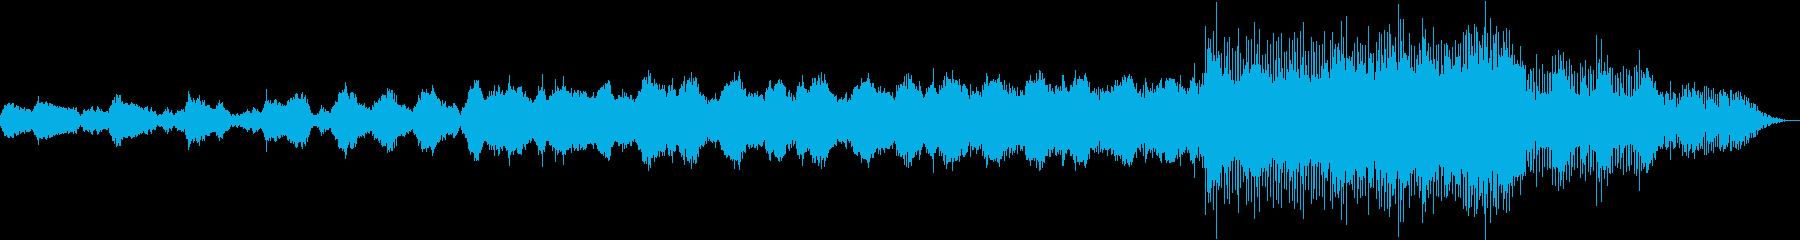 重厚感/ダーク/予兆/緊張感の再生済みの波形